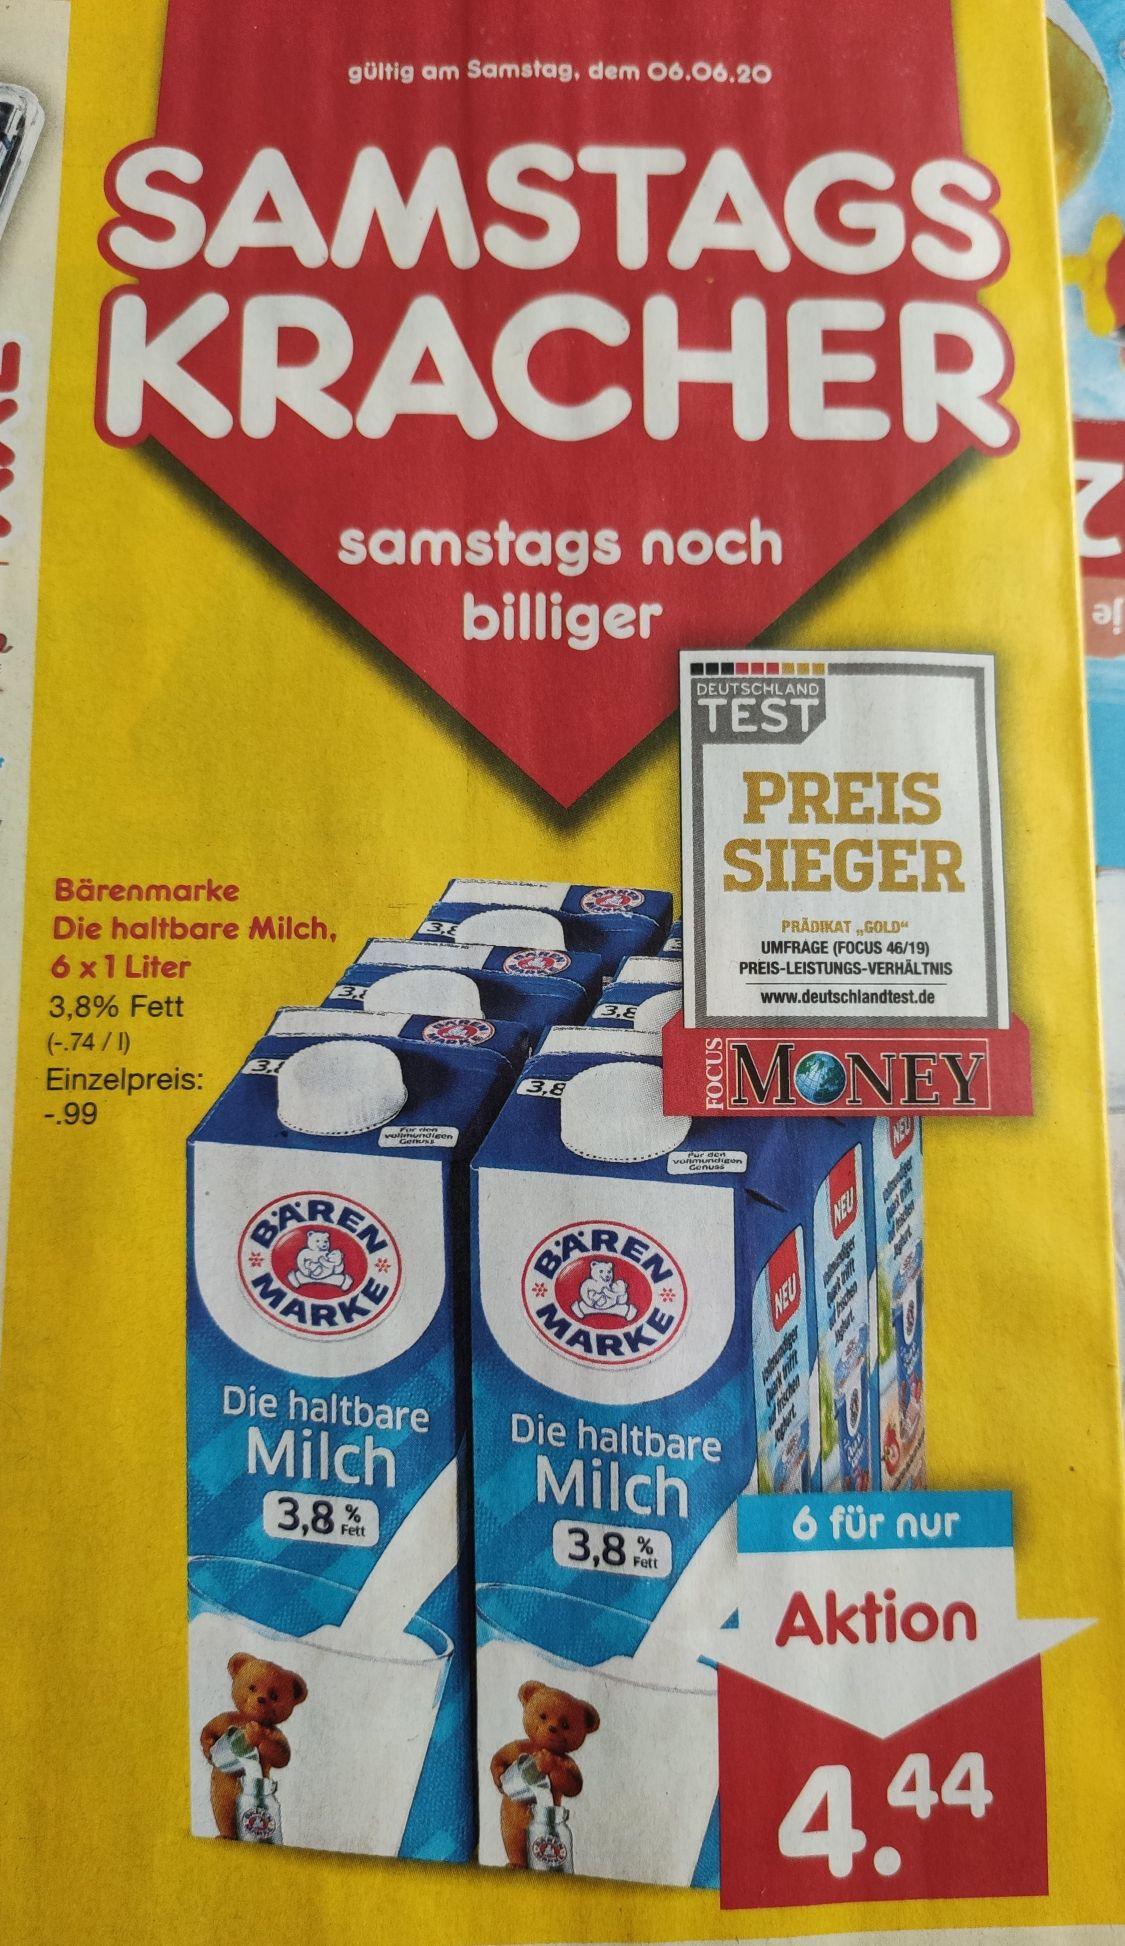 Bärenmarke Milch 3,8% Fett 6x1 Liter für 4,44€ - Literpreis 0,74€ statt 0,99€ [Netto MD]